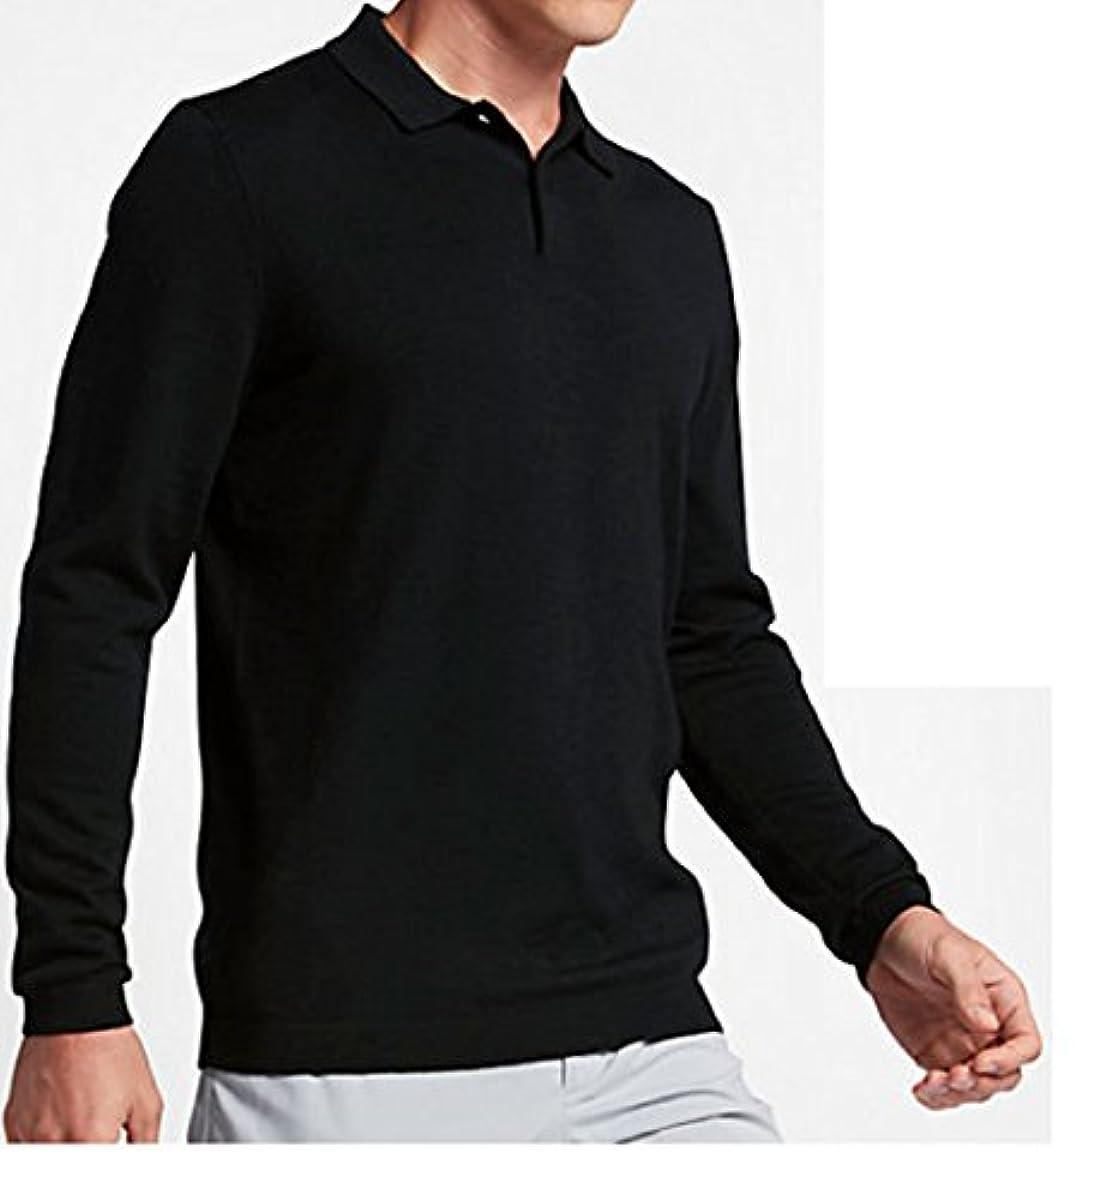 [해외] NIKE 나이키 울 스웨터 골프 폴로 M사이즈(163-175CM) 국내 정규품 골프 웨어 811555 블랙